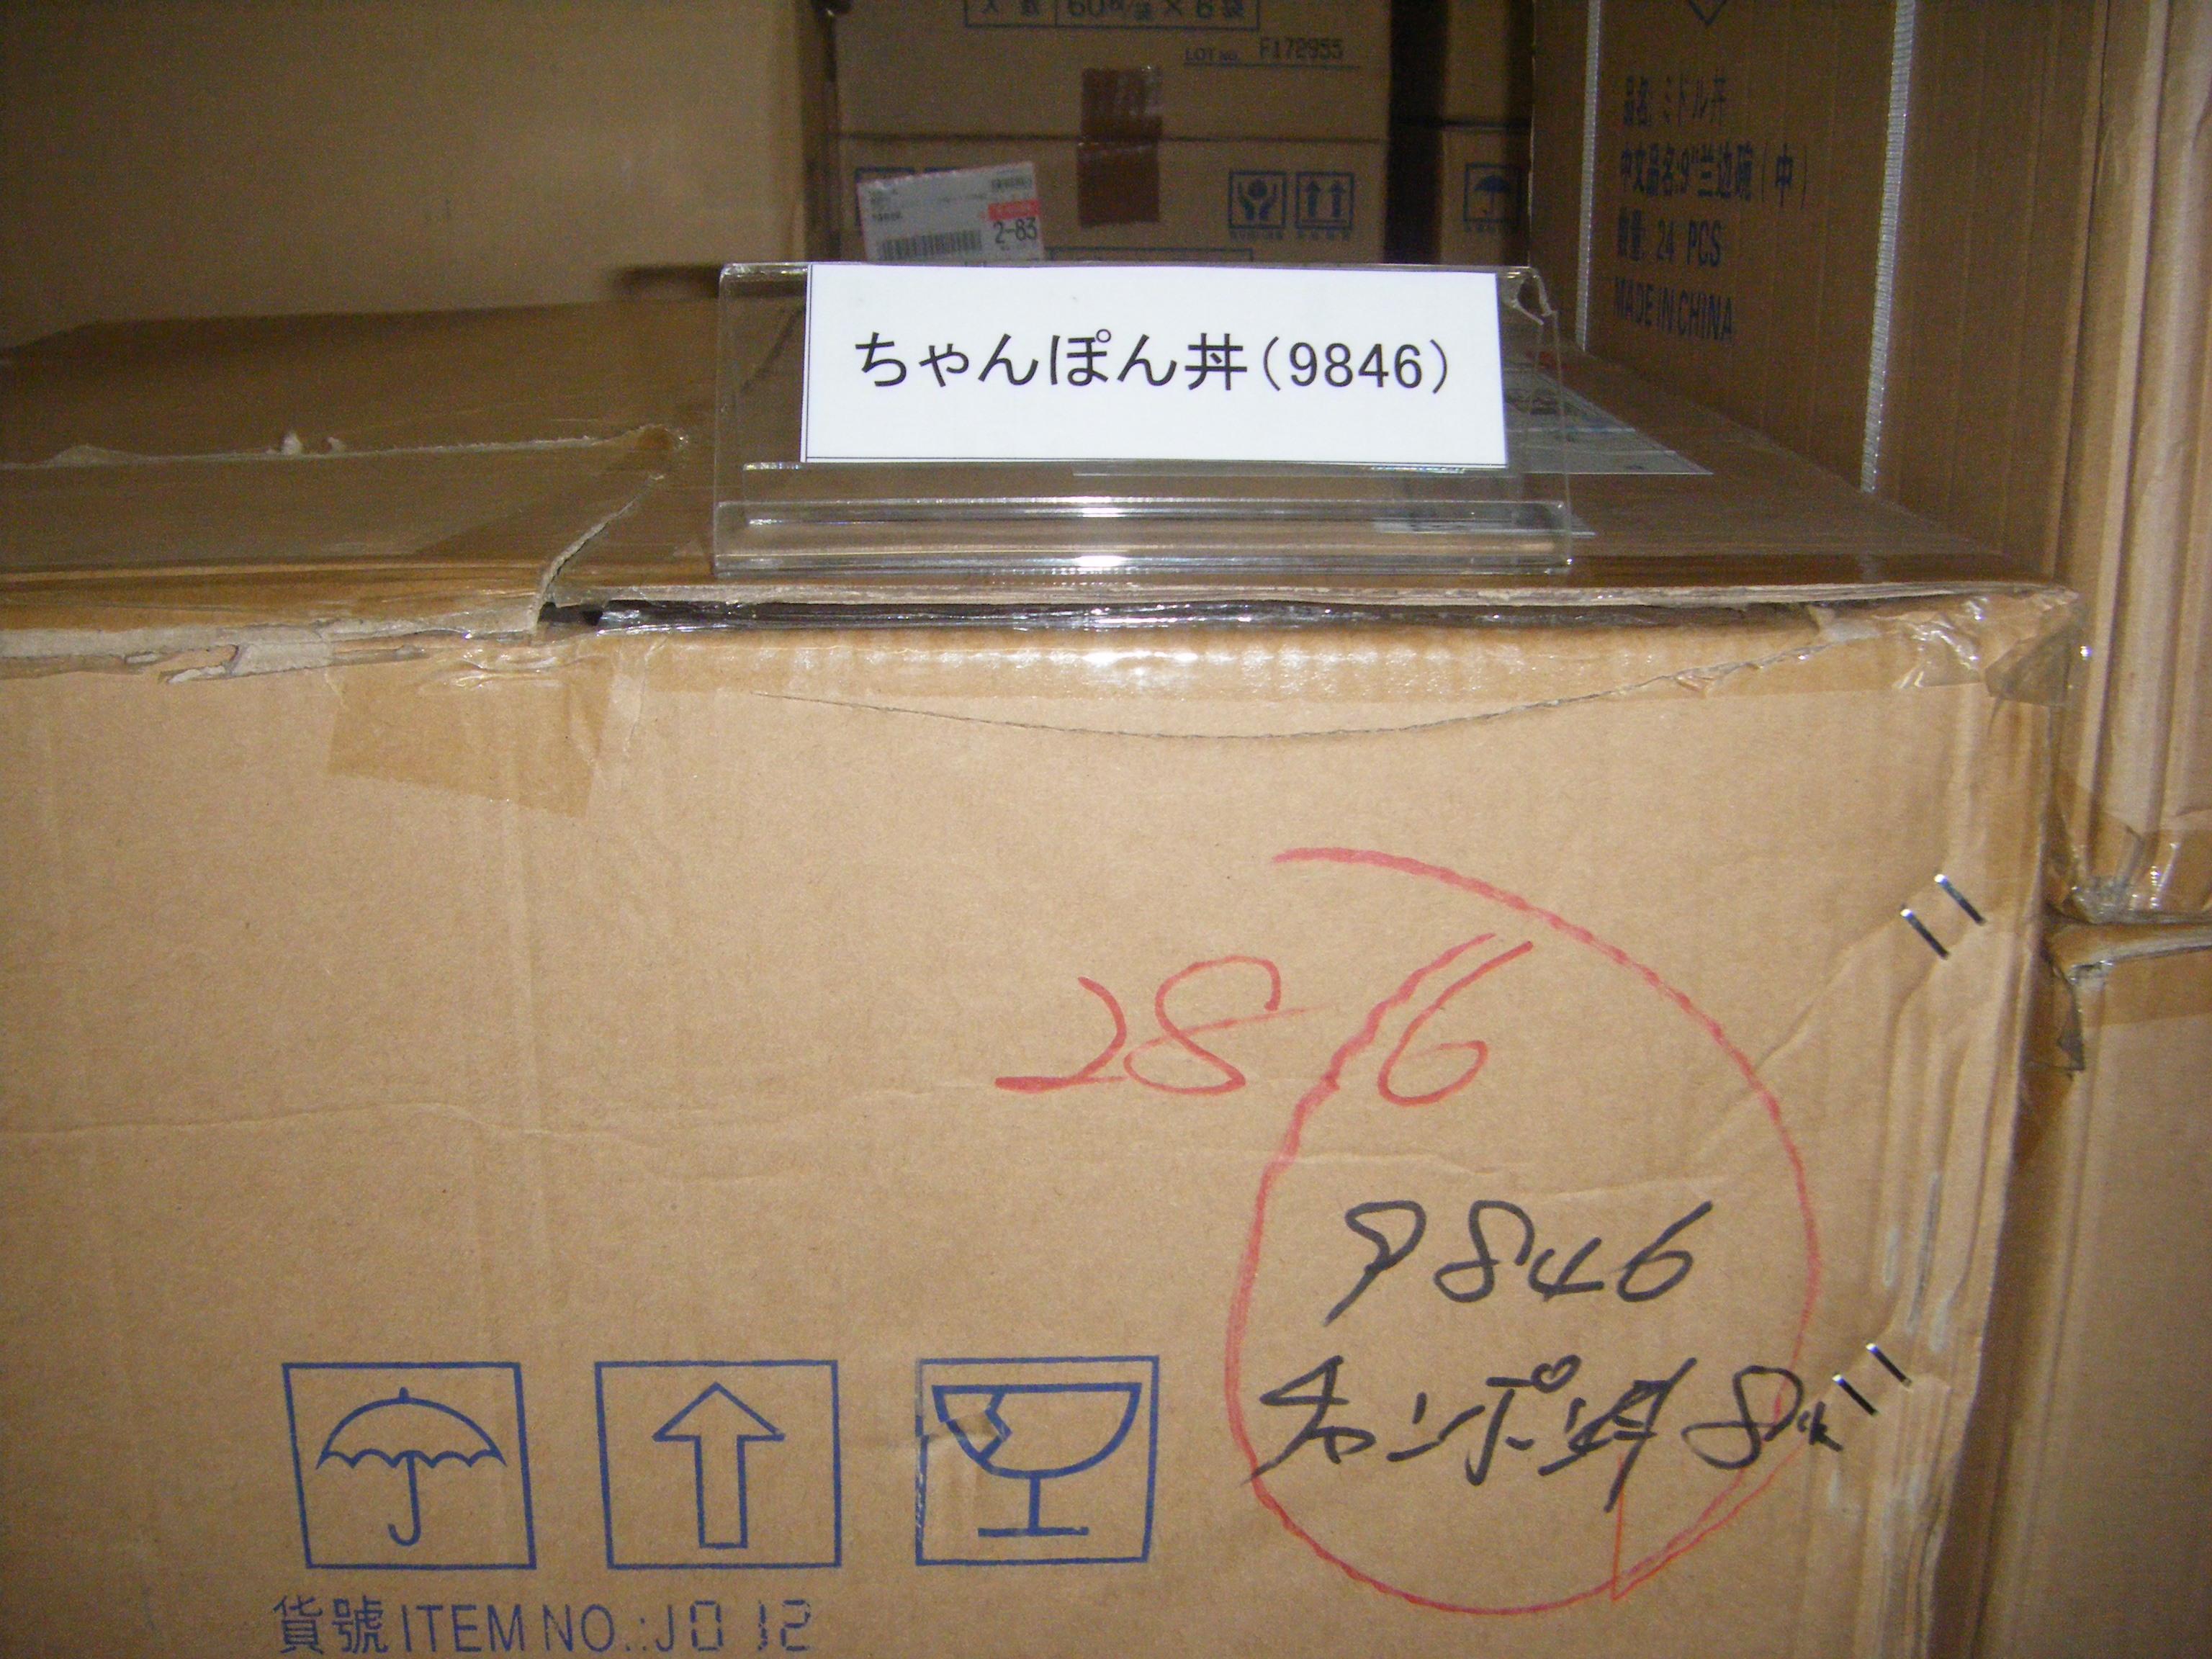 DSCF4450.JPG